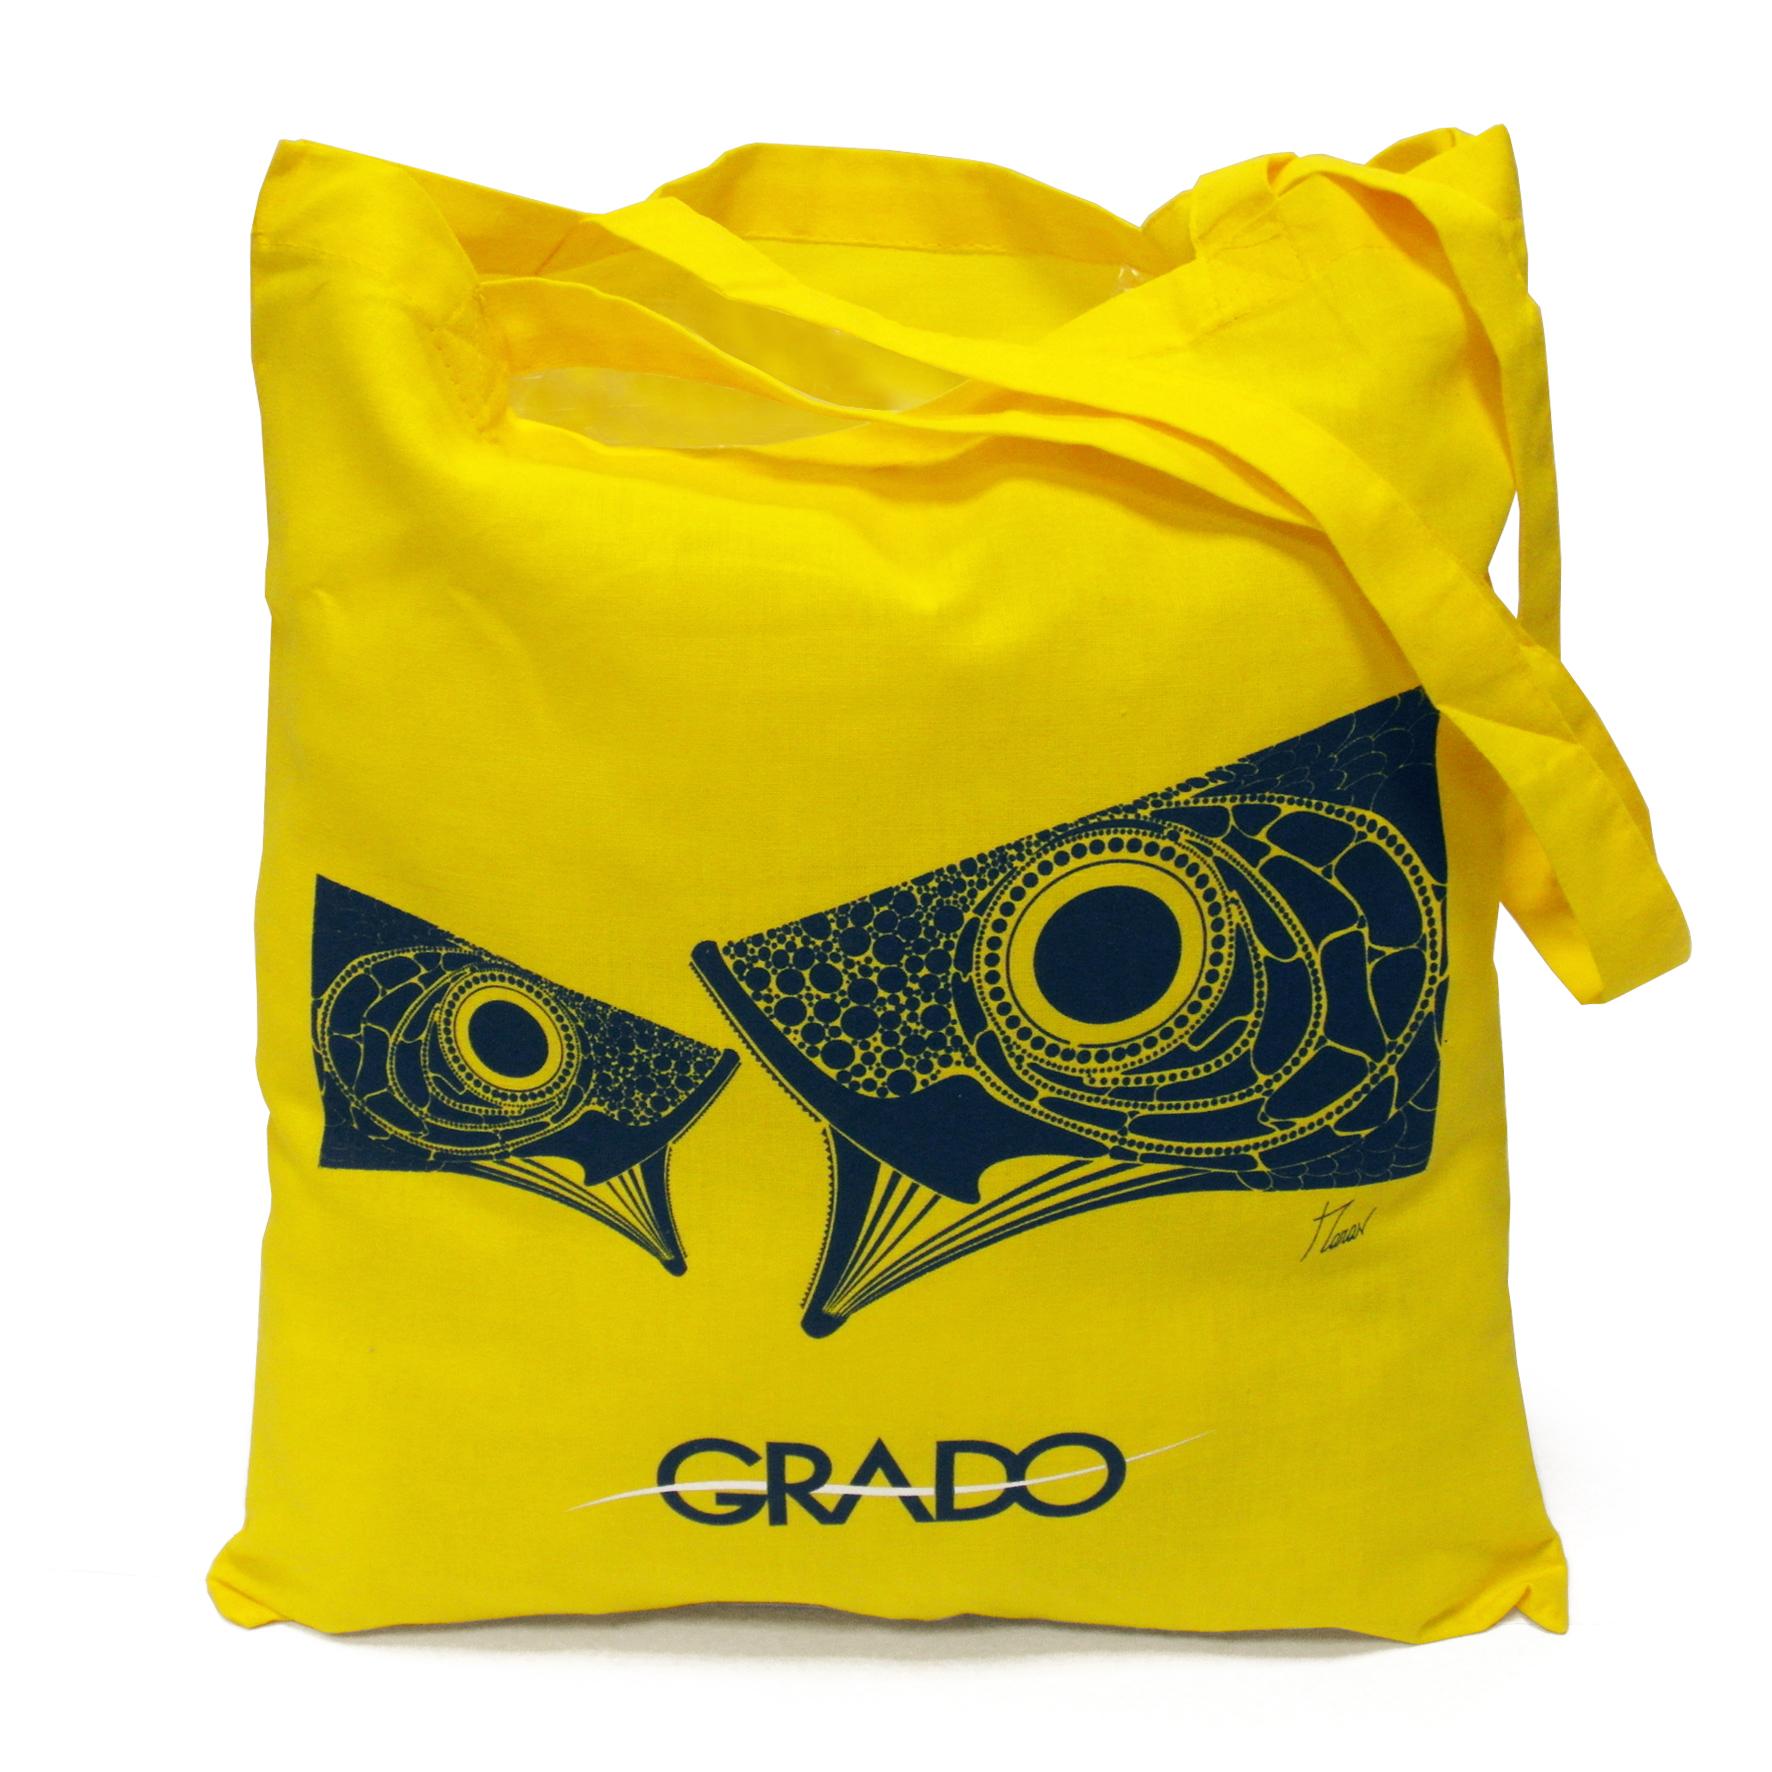 shopper-gialla-pesci-personalizzata-GIT-grado